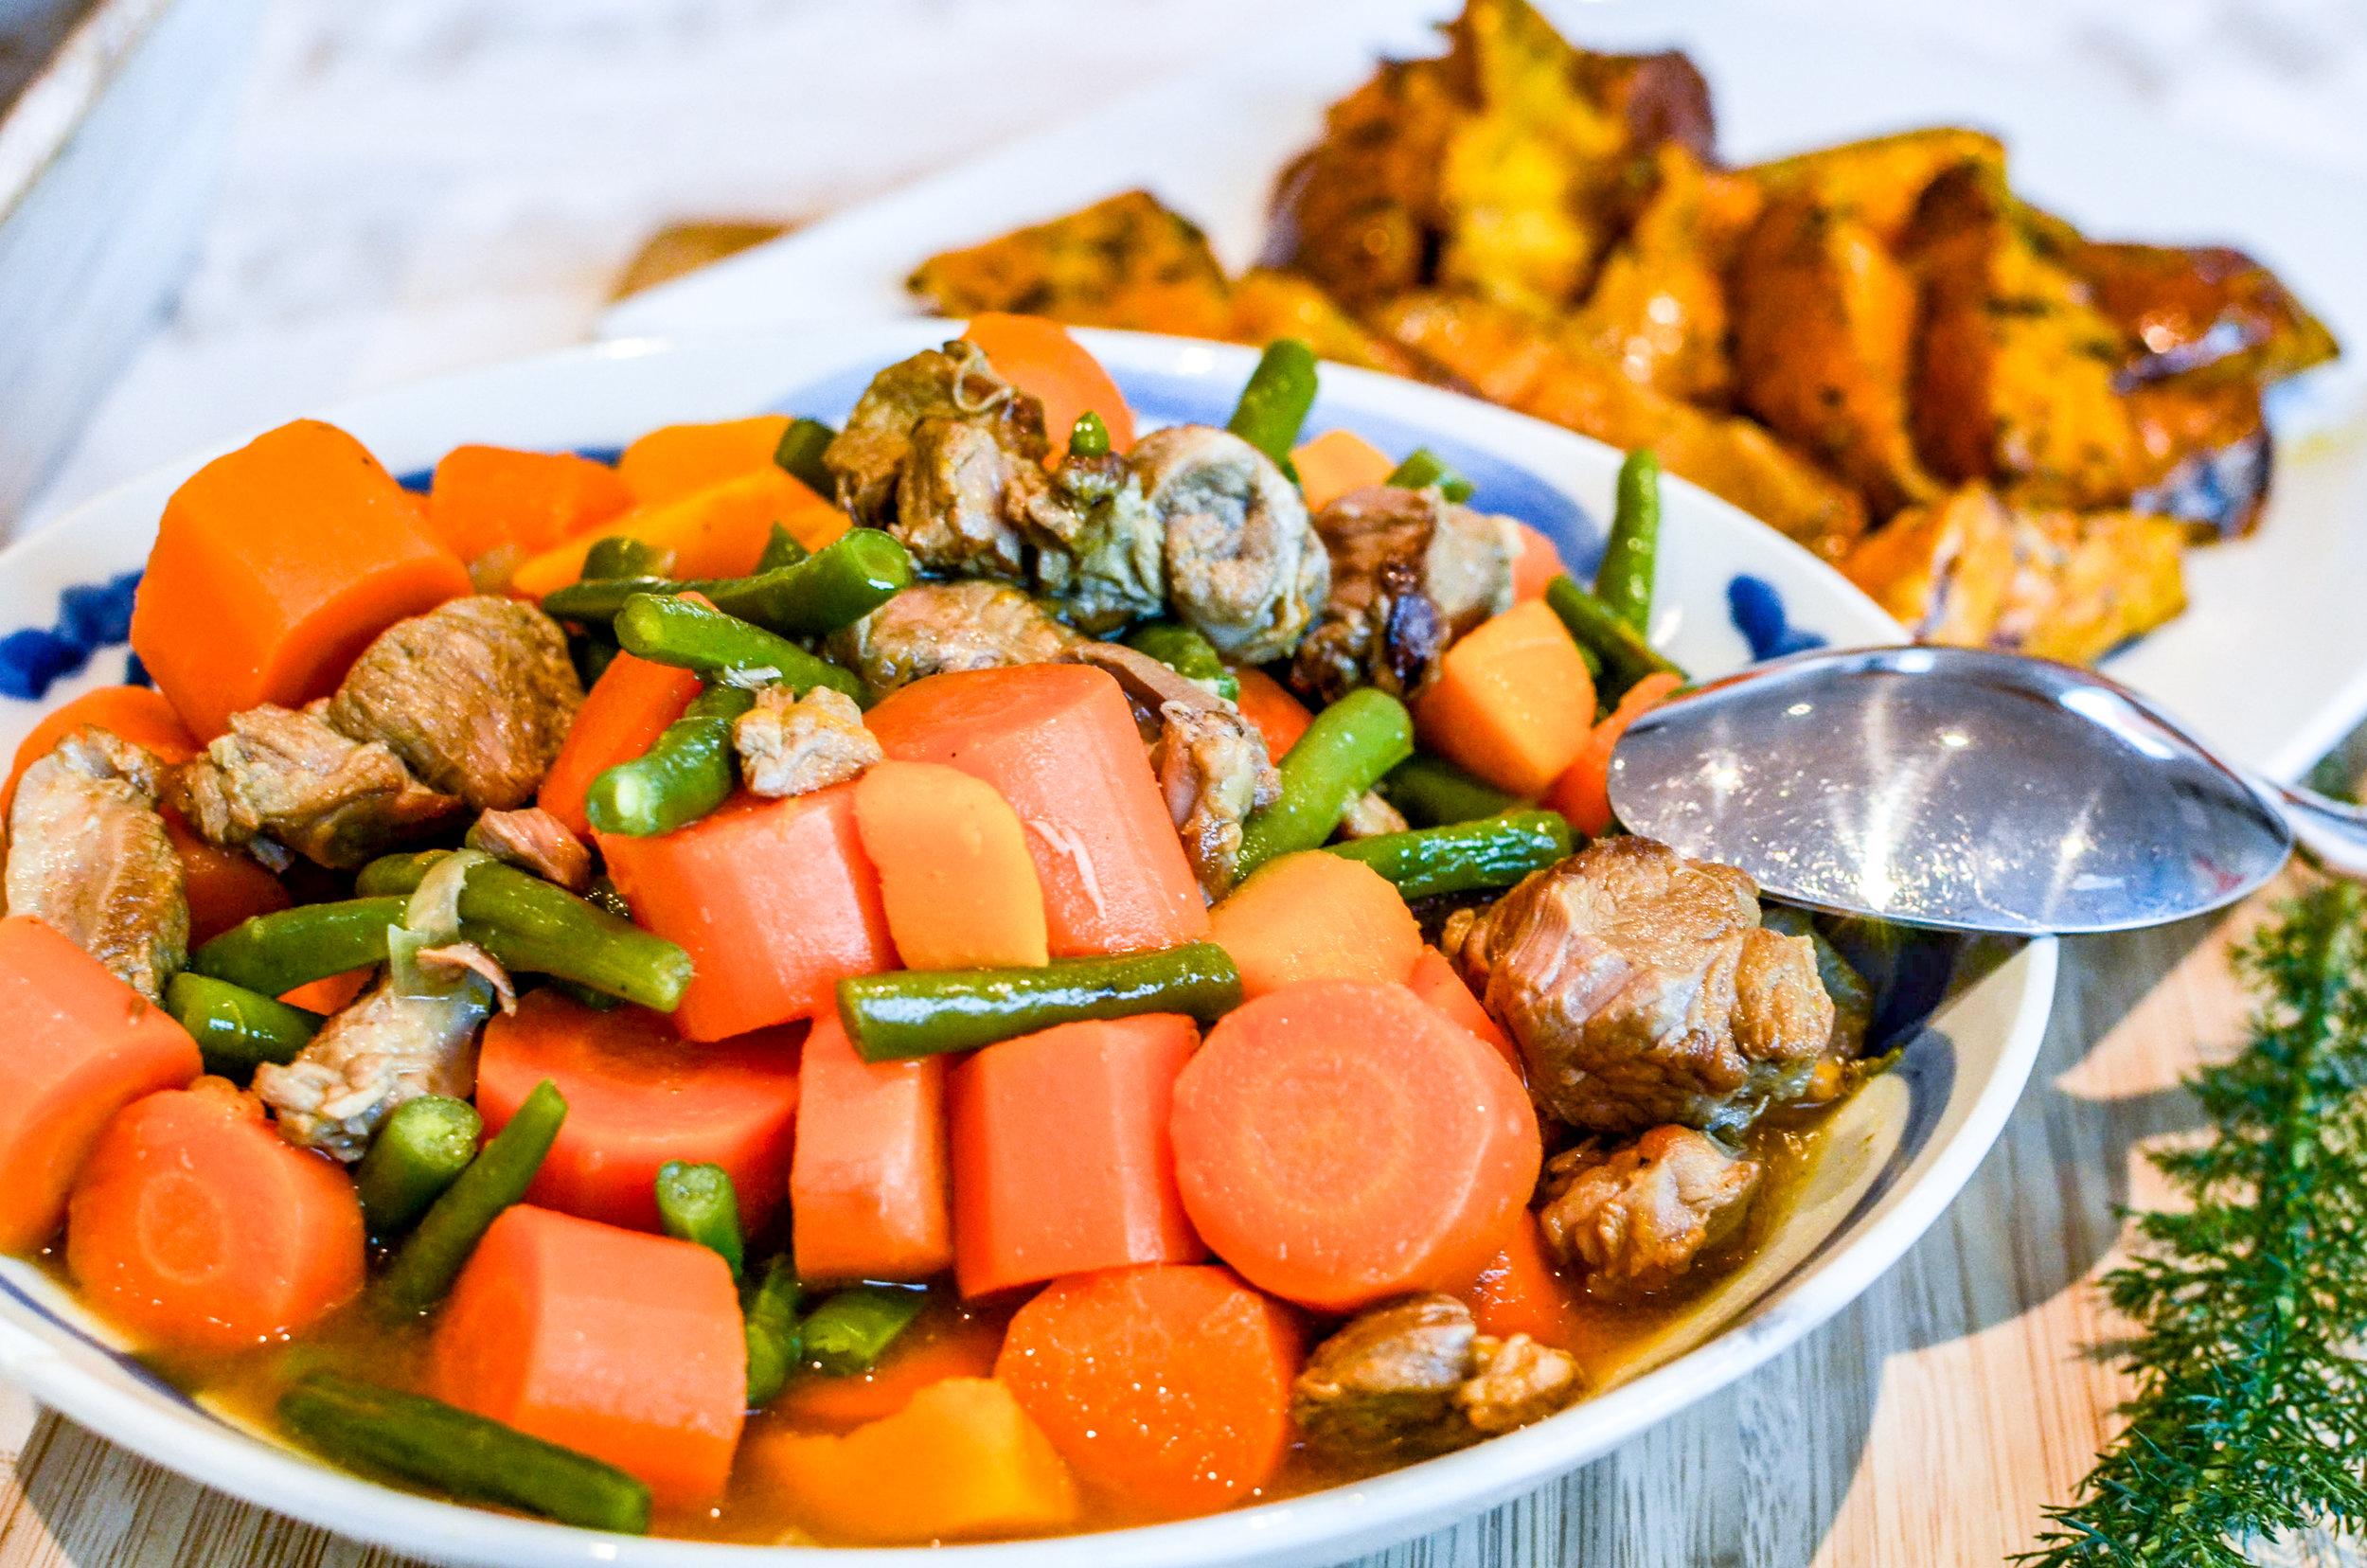 """Meal 1 by Chef Simon:Mijoté d'agneau  (                    Normal   0       21       false   false   false     EN-GB   JA   X-NONE                                                                                                                                                                                                                                                                                                                                                                              /* Style Definitions */ table.MsoNormalTable {mso-style-name:""""Tableau Normal""""; mso-tstyle-rowband-size:0; mso-tstyle-colband-size:0; mso-style-noshow:yes; mso-style-priority:99; mso-style-parent:""""""""; mso-padding-alt:0cm 5.4pt 0cm 5.4pt; mso-para-margin:0cm; mso-para-margin-bottom:.0001pt; mso-pagination:widow-orphan; font-size:12.0pt; font-family:Cambria; mso-ascii-font-family:Cambria; mso-ascii-theme-font:minor-latin; mso-hansi-font-family:Cambria; mso-hansi-theme-font:minor-latin; mso-ansi-language:EN-GB;}     Agneau, Carottes, Haricots Verts, Potimarron,                    Normal   0       21       false   false   false     EN-GB   JA   X-NONE                                                                                                                                                                                                                                                                                                                                                                              /* Style Definitions */ table.MsoNormalTable {mso-style-name:""""Tableau Normal""""; mso-tstyle-rowband-size:0; mso-tstyle-colband-size:0; mso-style-noshow:yes; mso-style-priority:99; mso-style-parent:""""""""; mso-padding-alt:0cm 5.4pt 0cm 5.4pt; mso-para-margin:0cm; mso-para-margin-bottom:.0001pt; mso-pagination:widow-orphan; font-size:12.0pt; font-family:Cambria; mso-ascii-font-family:Cambria; mso-ascii-theme-font:minor-latin; mso-hansi-font-family:Cambria; mso-hansi-theme-font:minor-latin"""